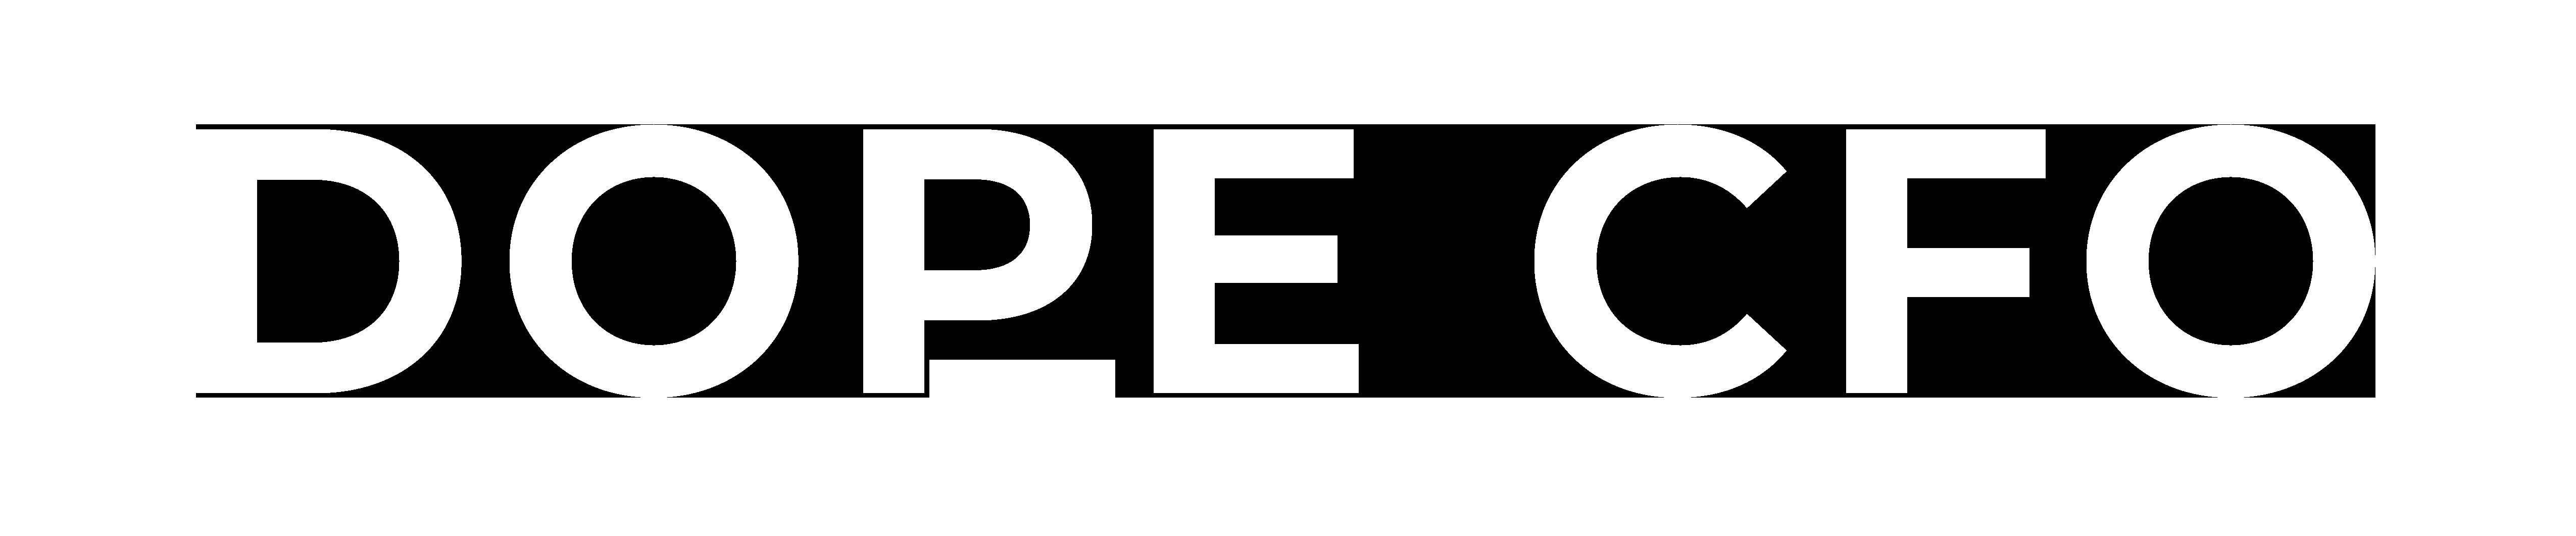 logo 2-white-thin